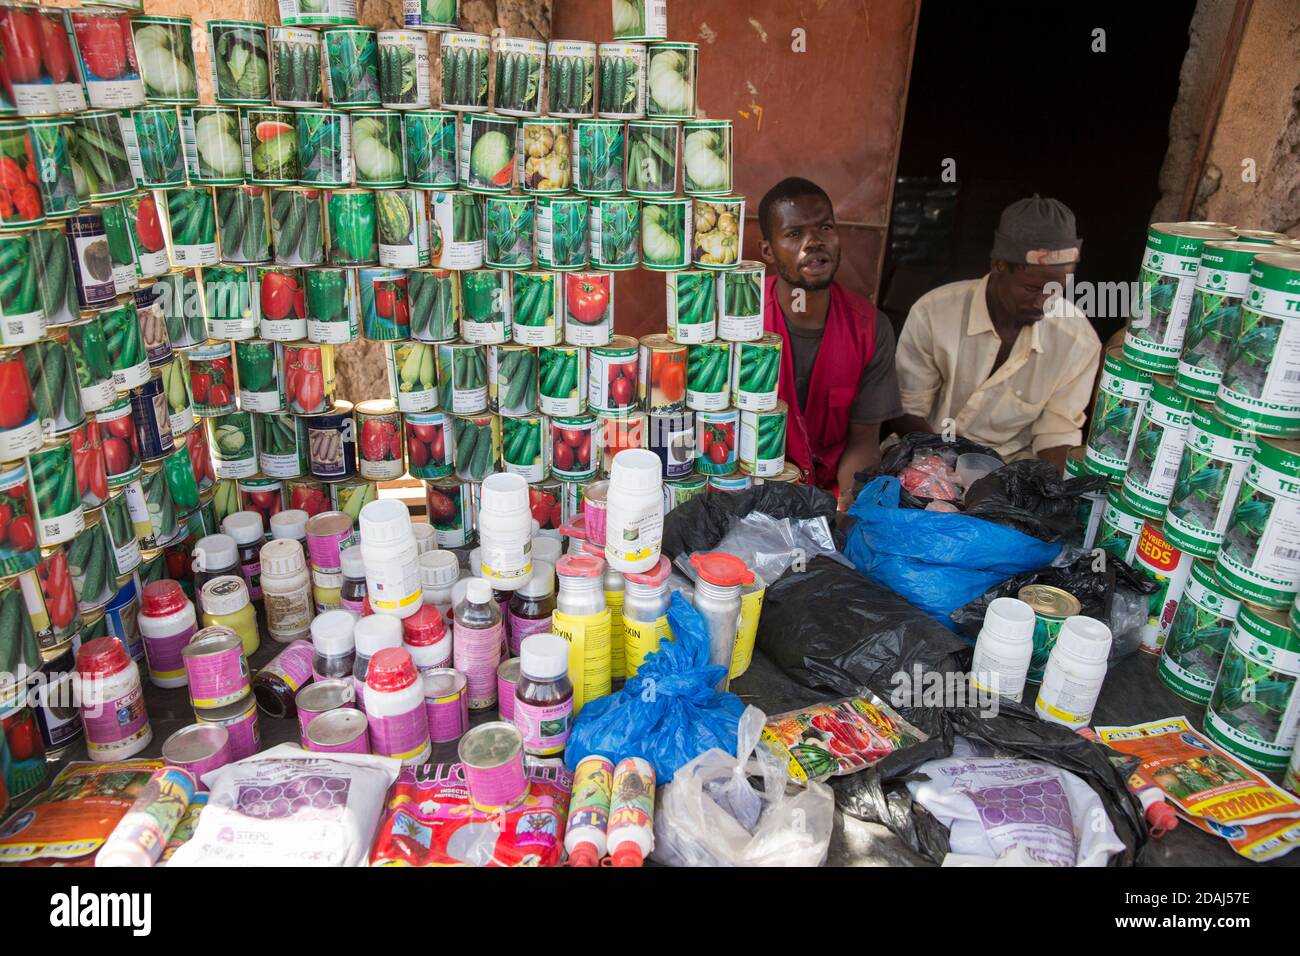 Selingue, Mali, 25 avril 2015; Sall vend des semences et des intrants agricoles le jour du marché. Banque D'Images